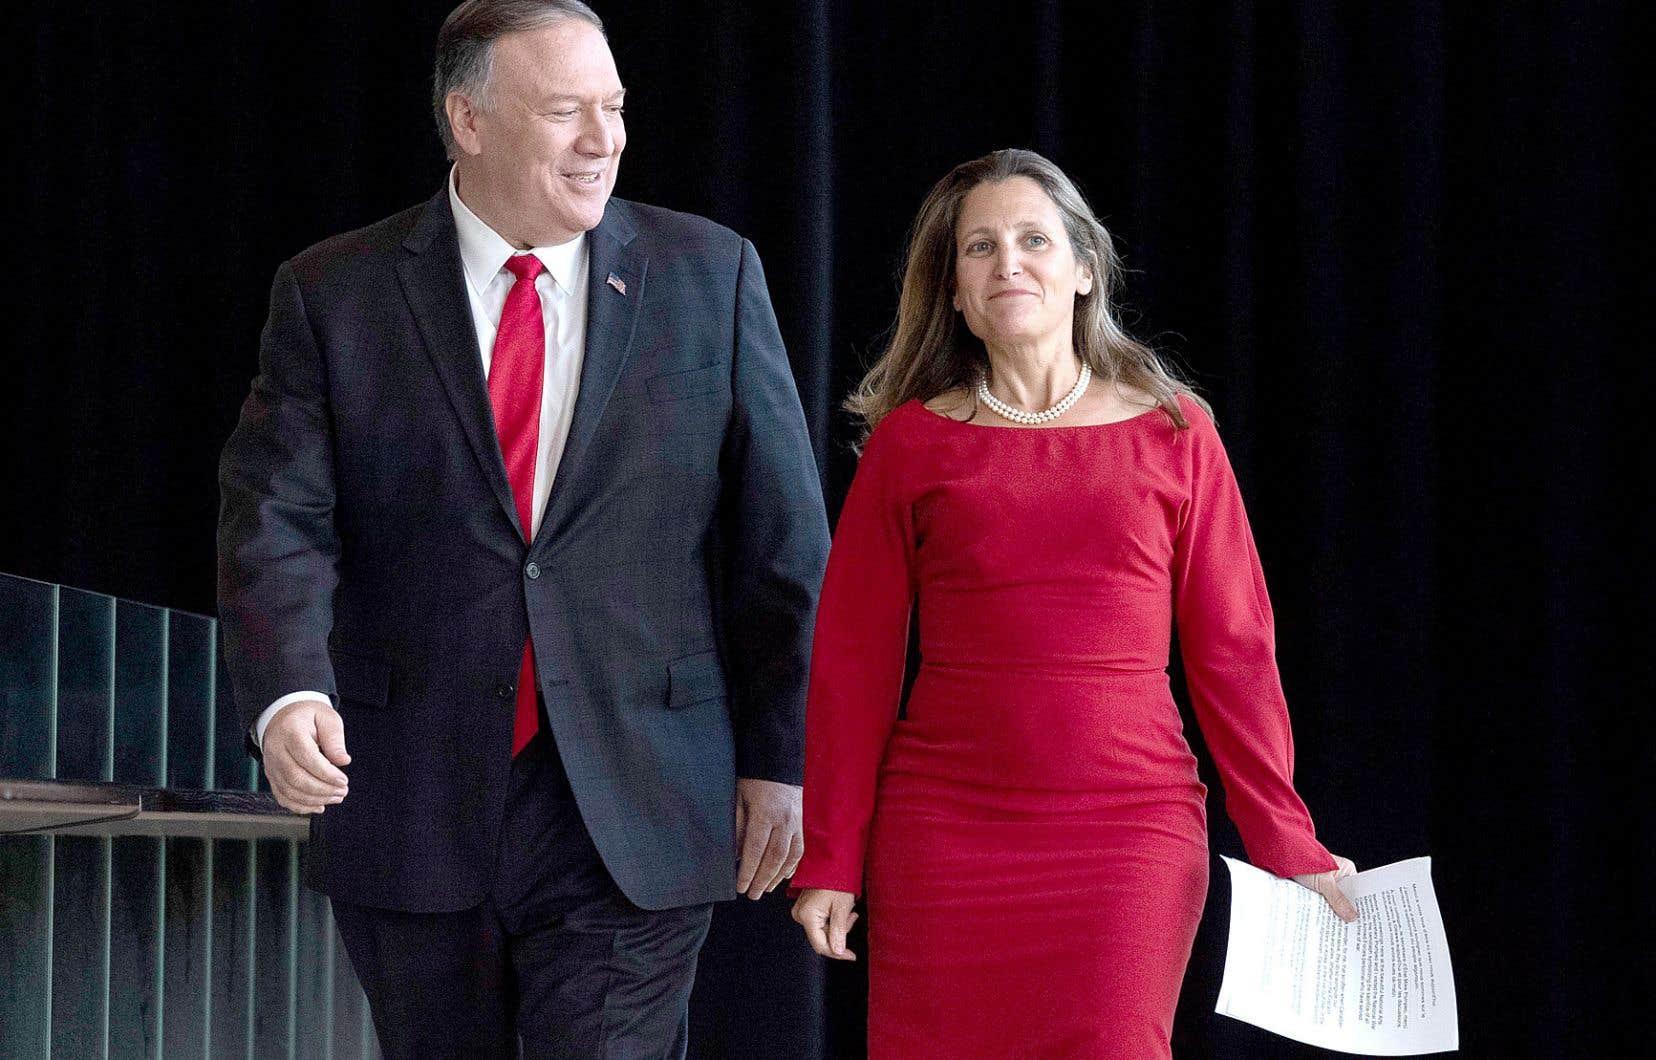 Le secrétaire d'État américain, Mike Pompeo, et sa vis-à-vis canadienne, Chrystia Freeland